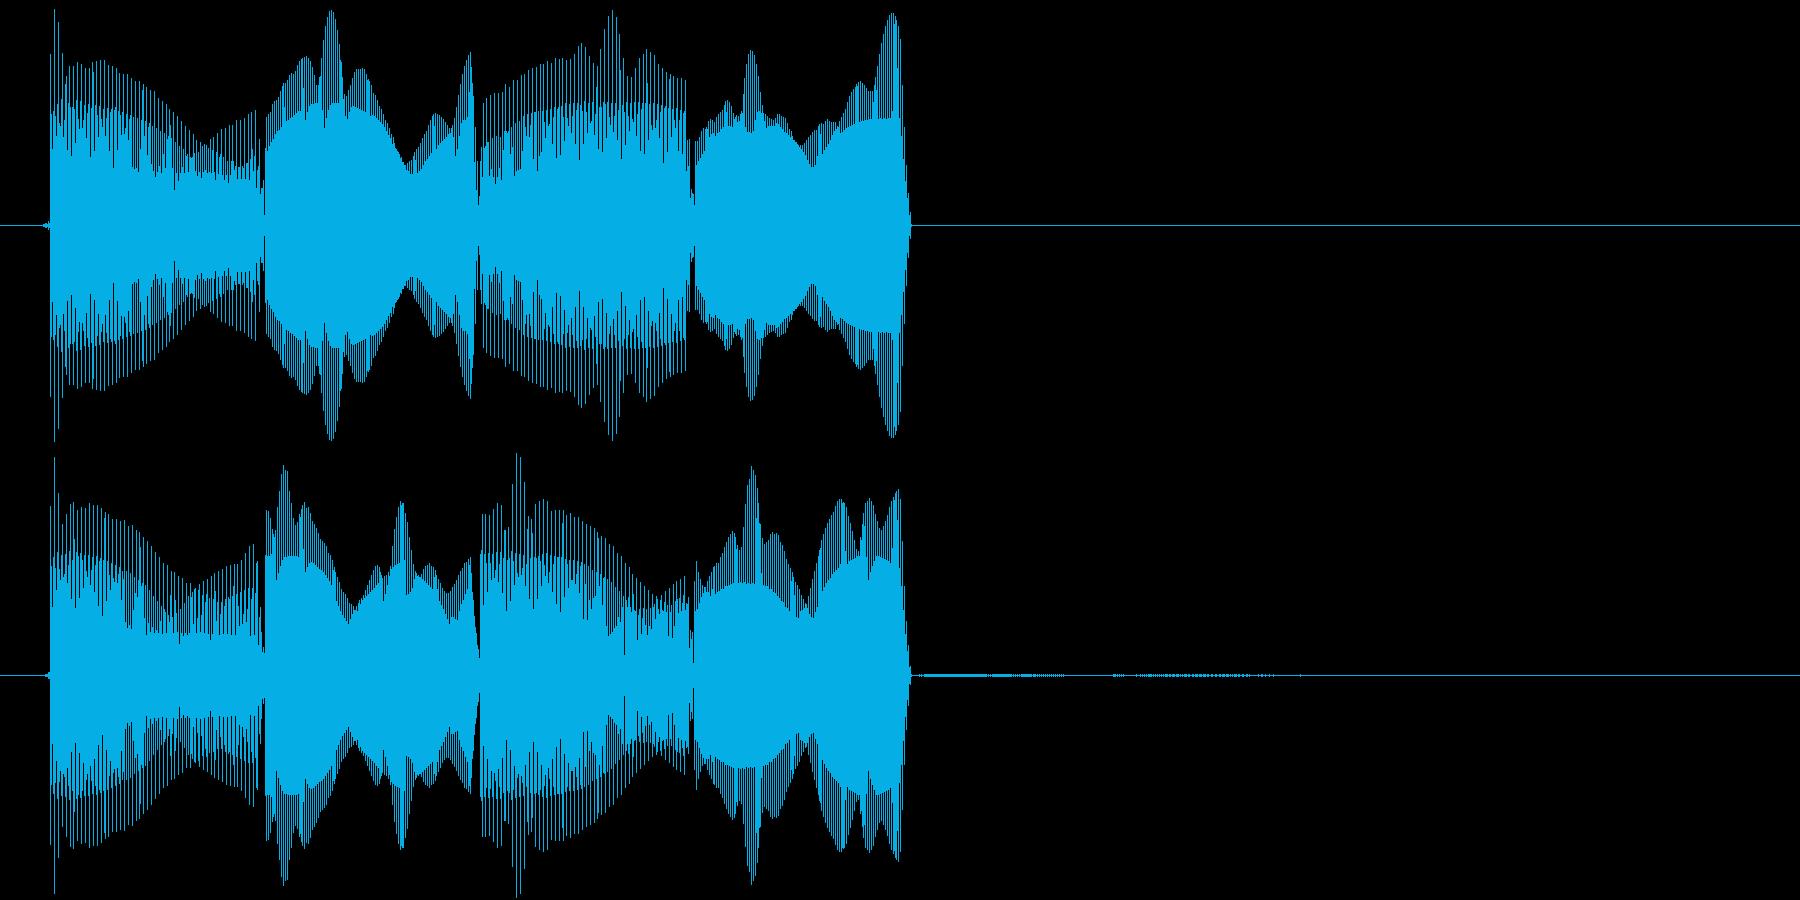 ピコピコ(エラー・アラート音)の再生済みの波形